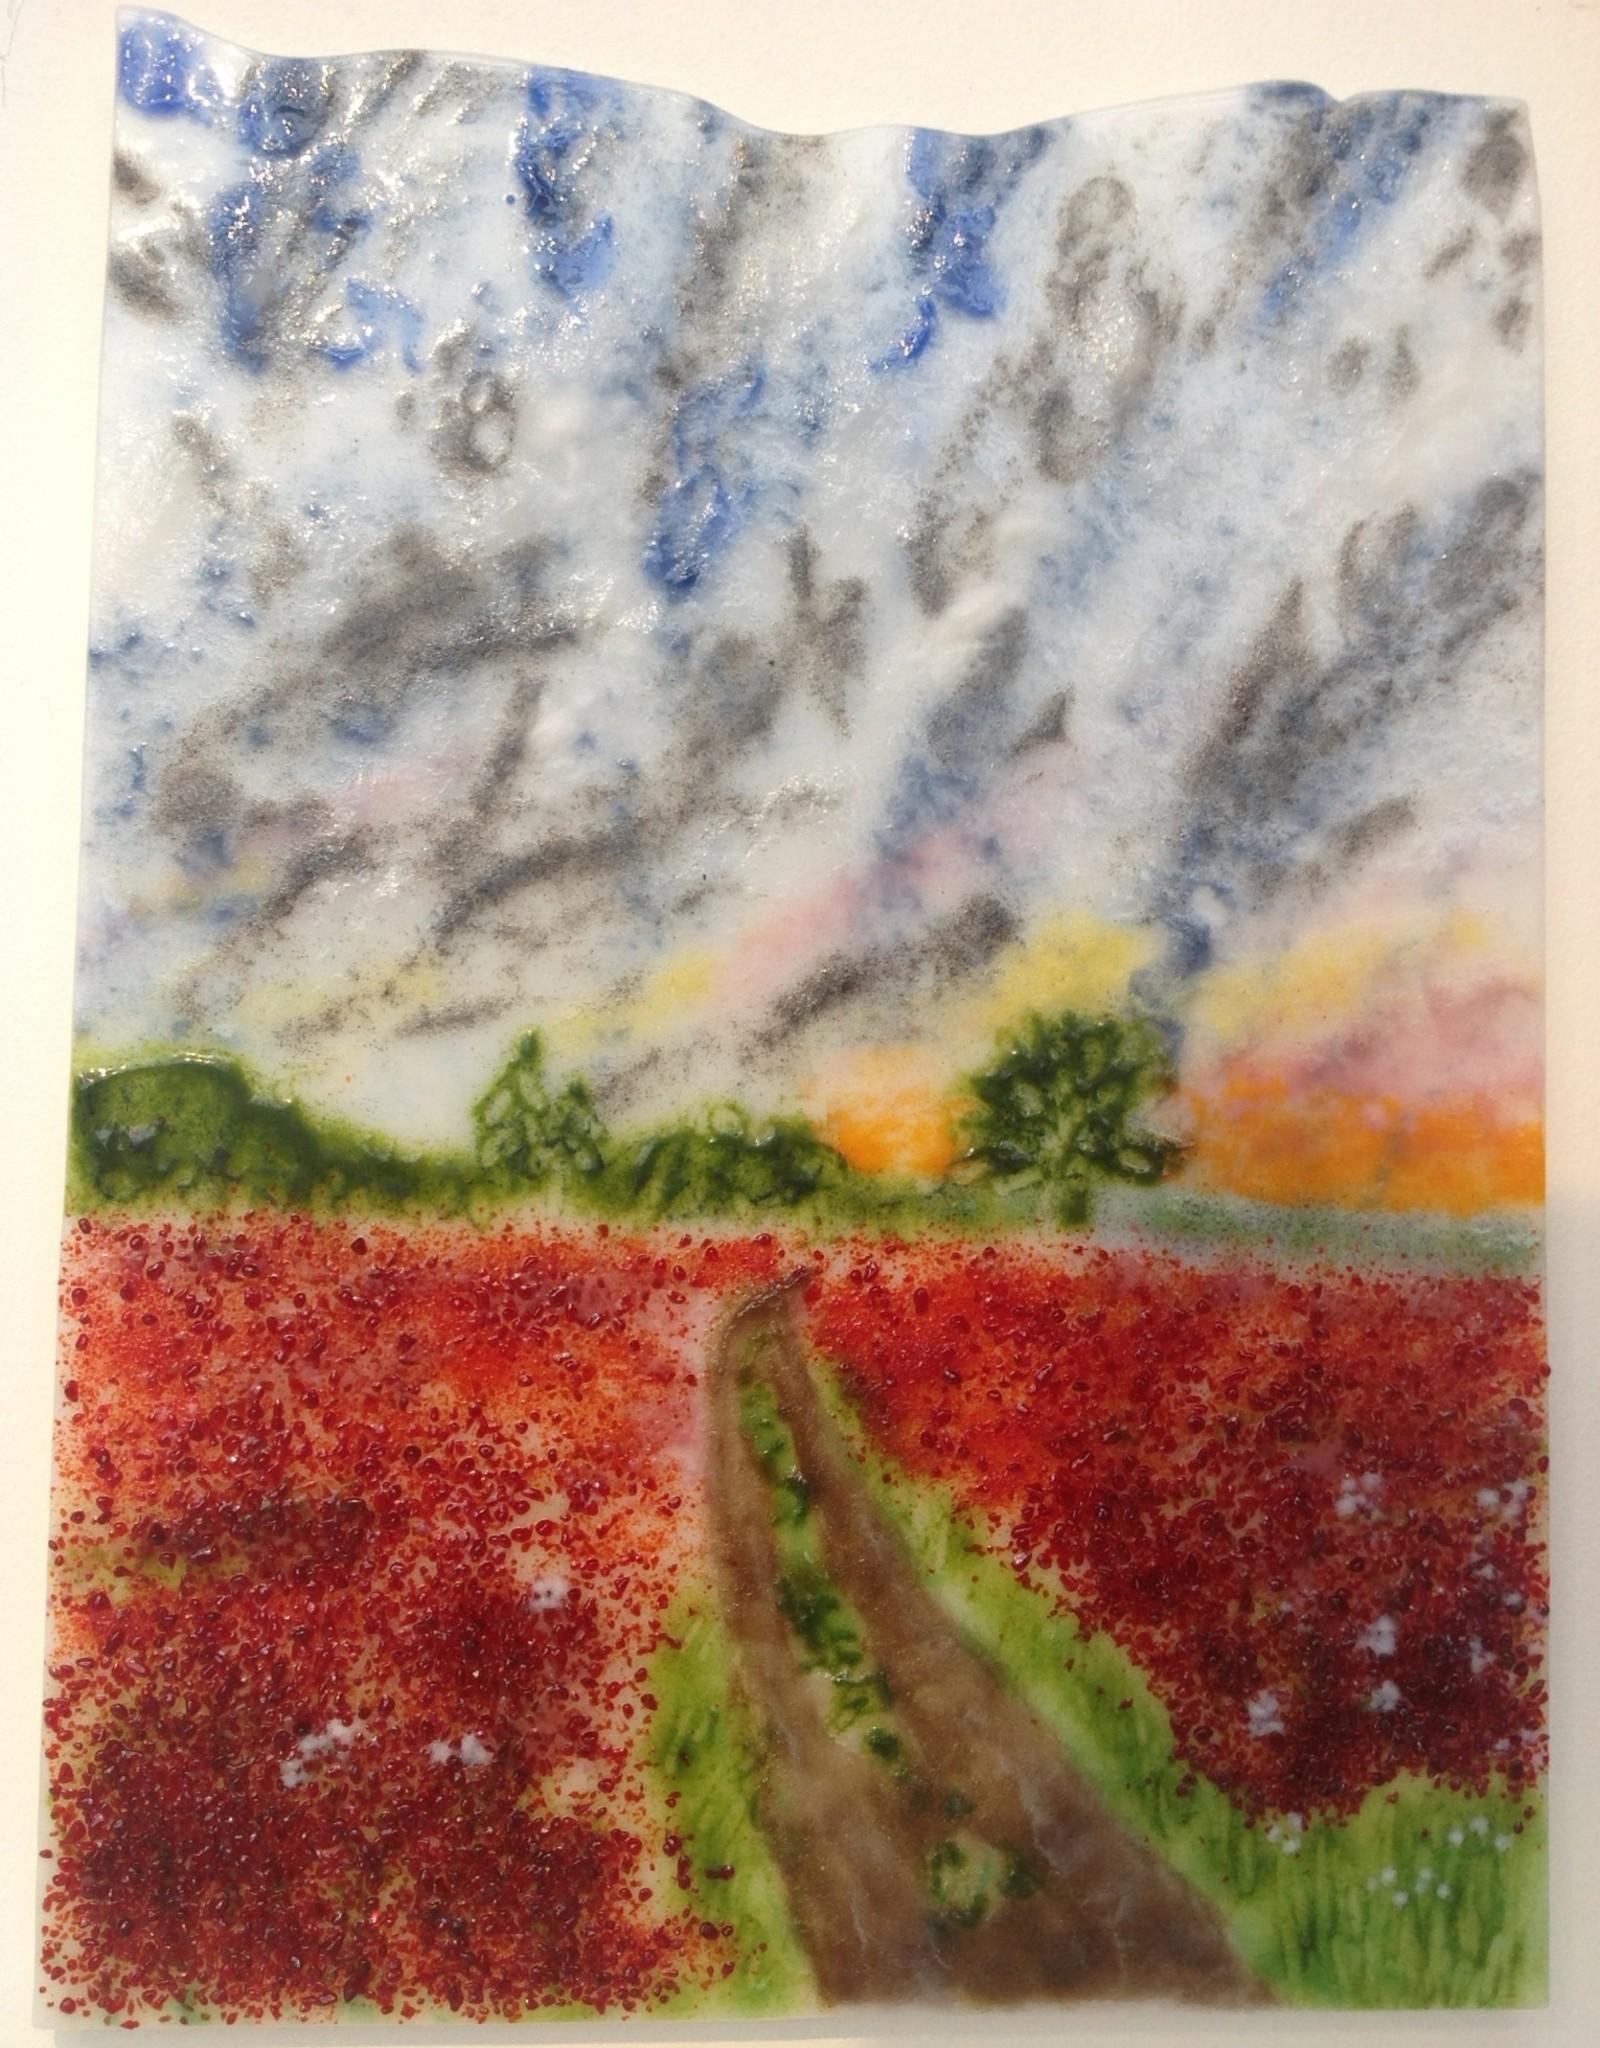 Ann Mackiernan Crimson & Clover: Over & Over Wall Art